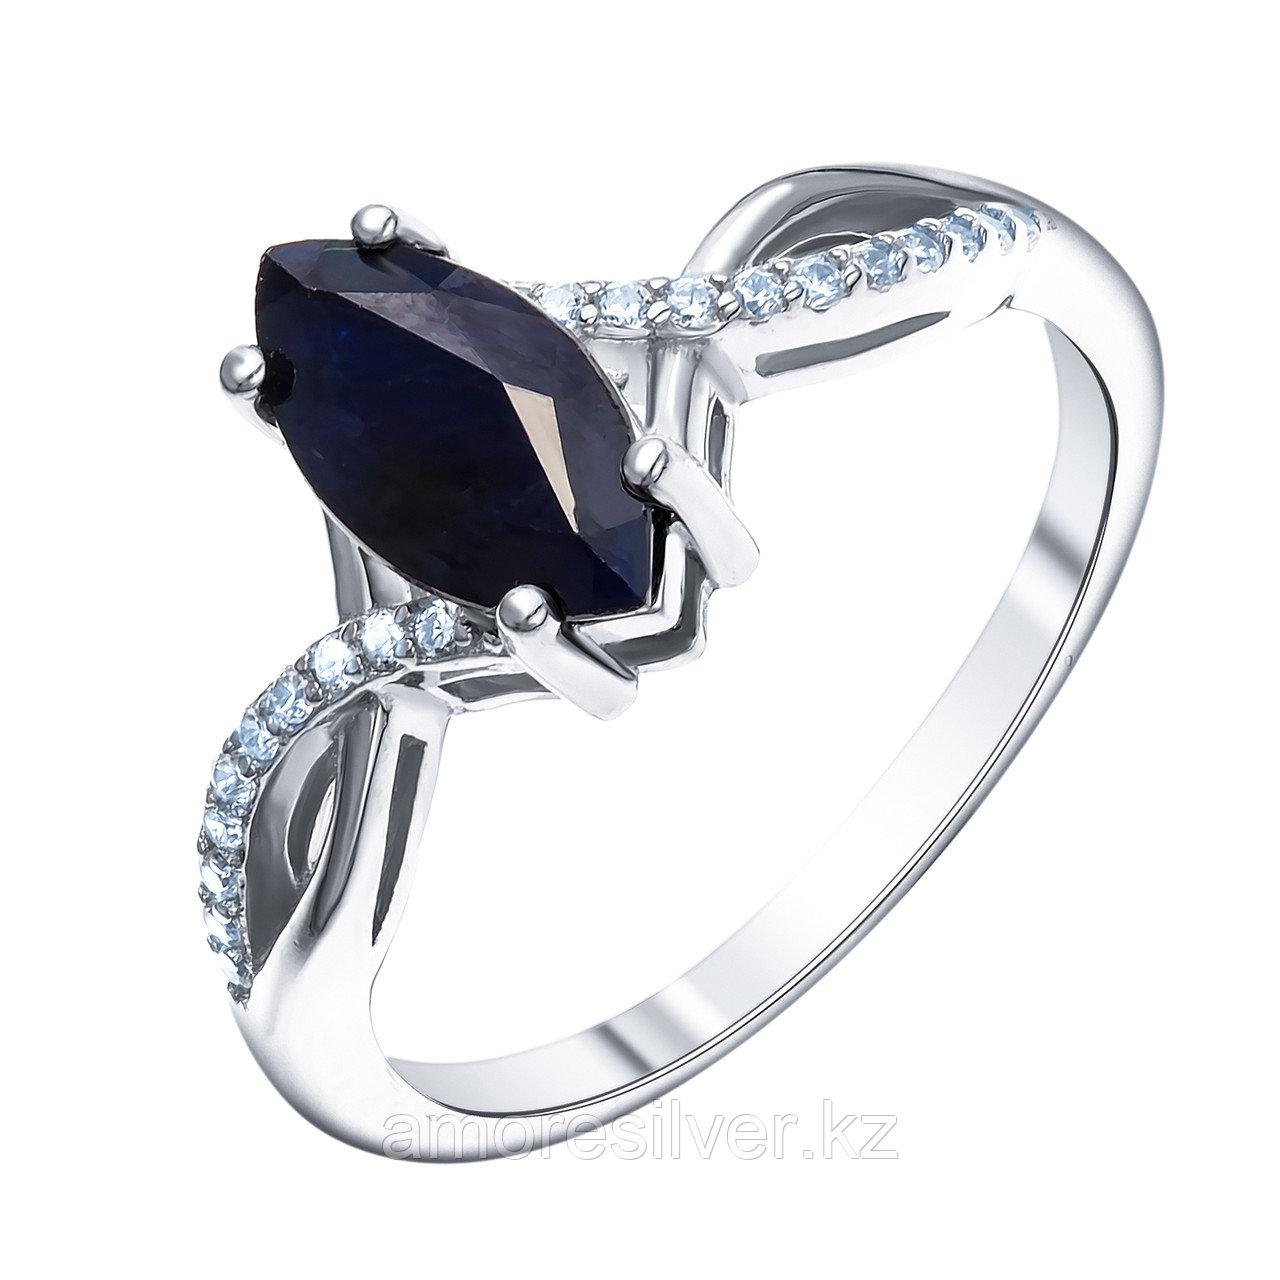 Кольцо из серебра с сапфиром нат. (u) и фианитом  Teosa R-DRGR00936-SP размеры - 17